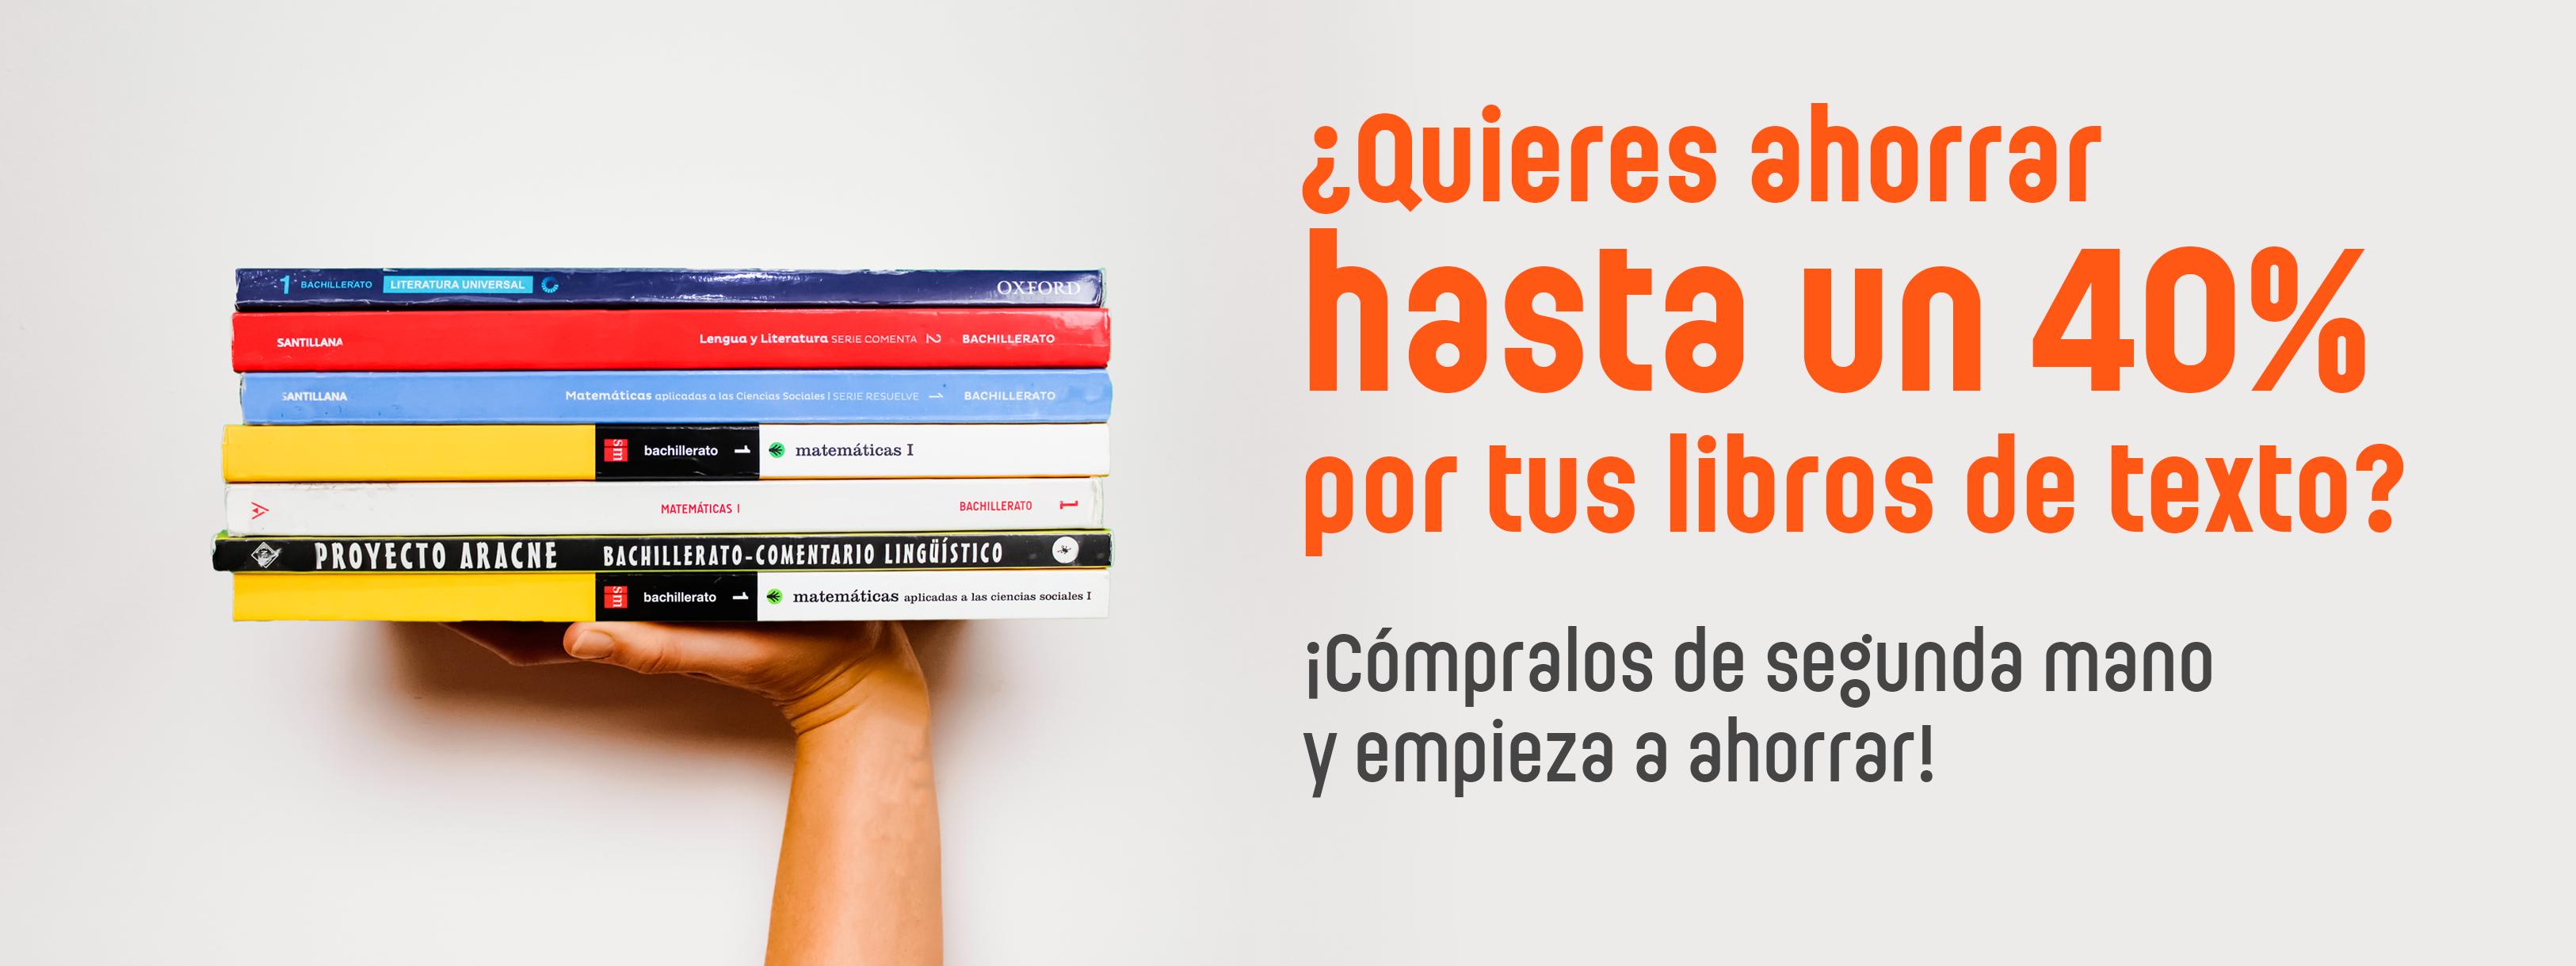 bienvenida_compras.png